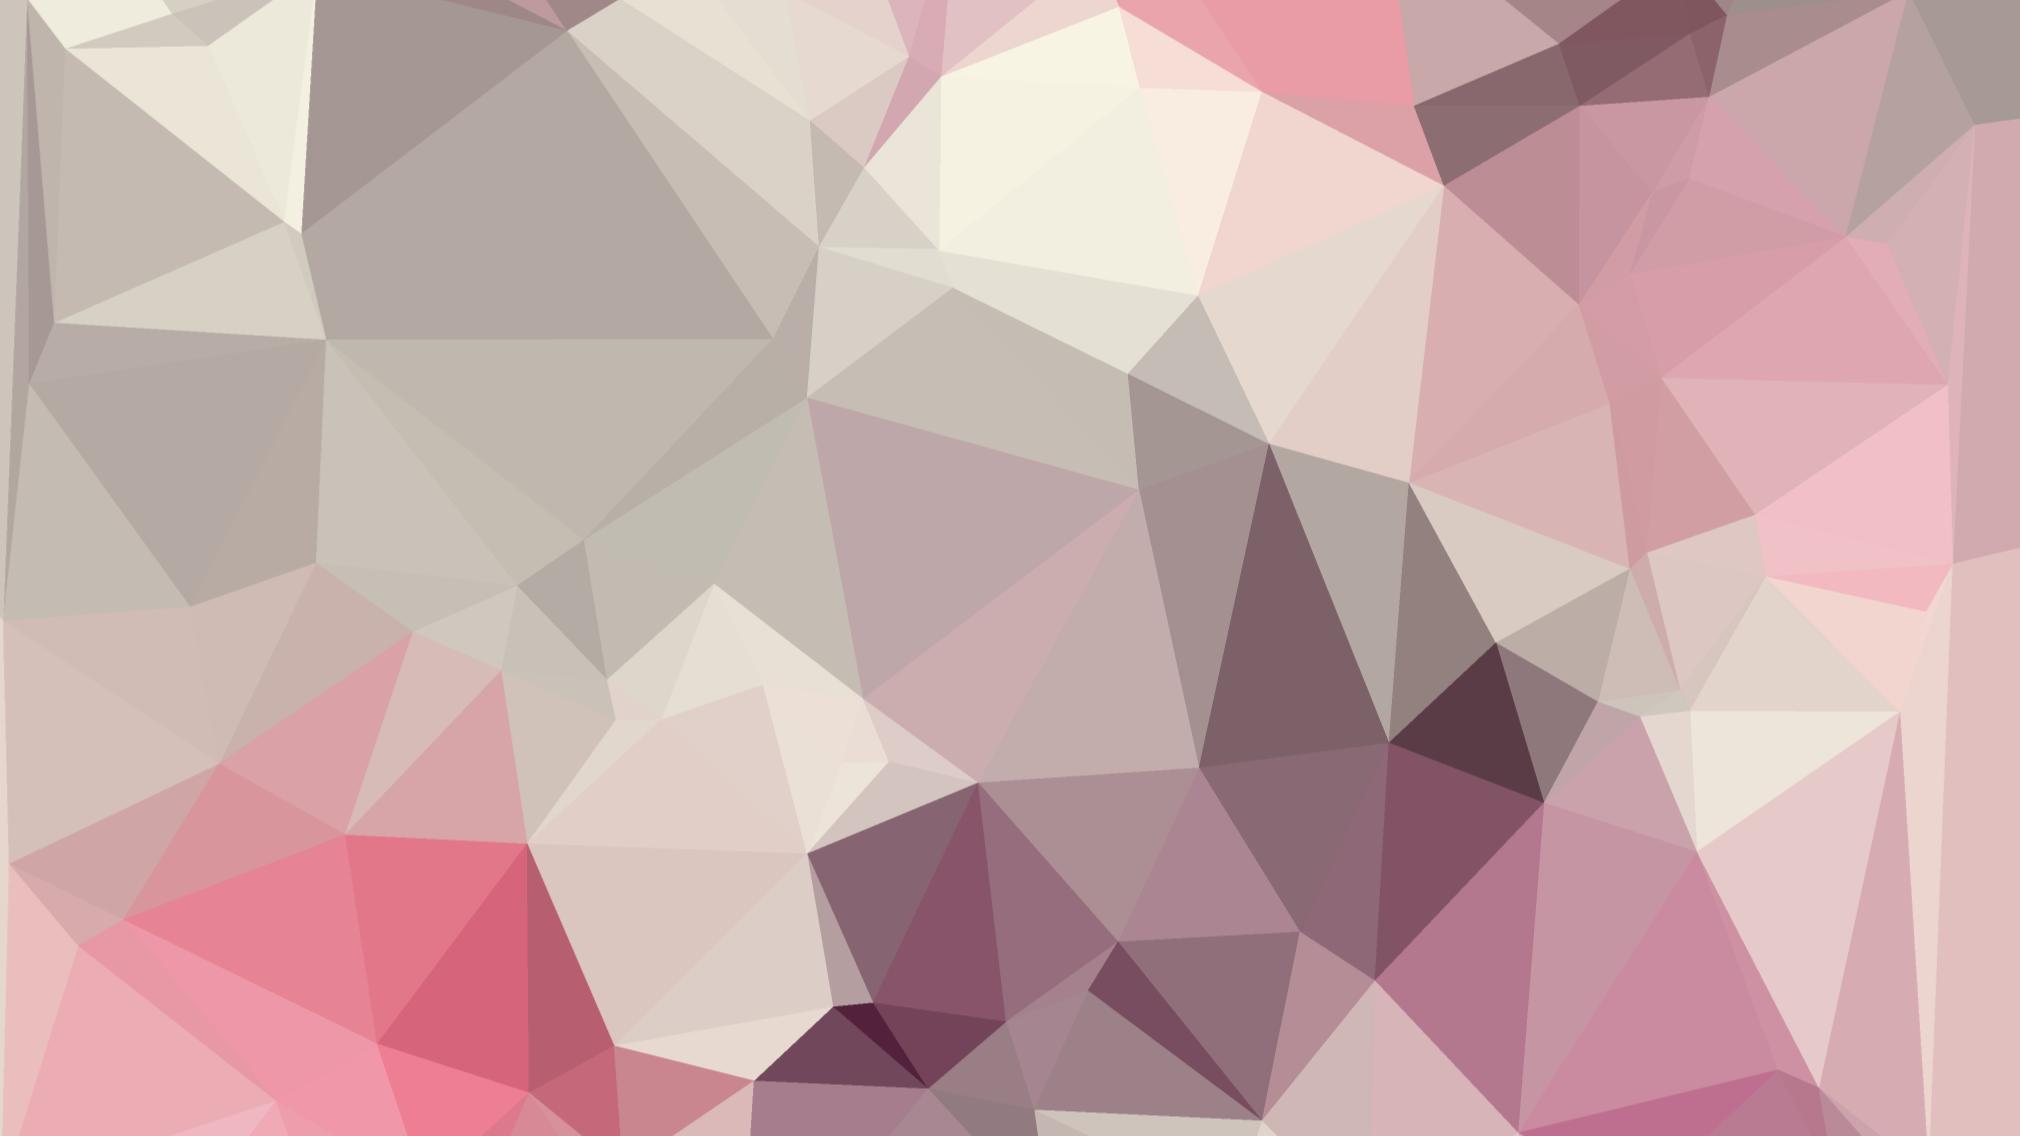 wallpaper a geometric - photo #36